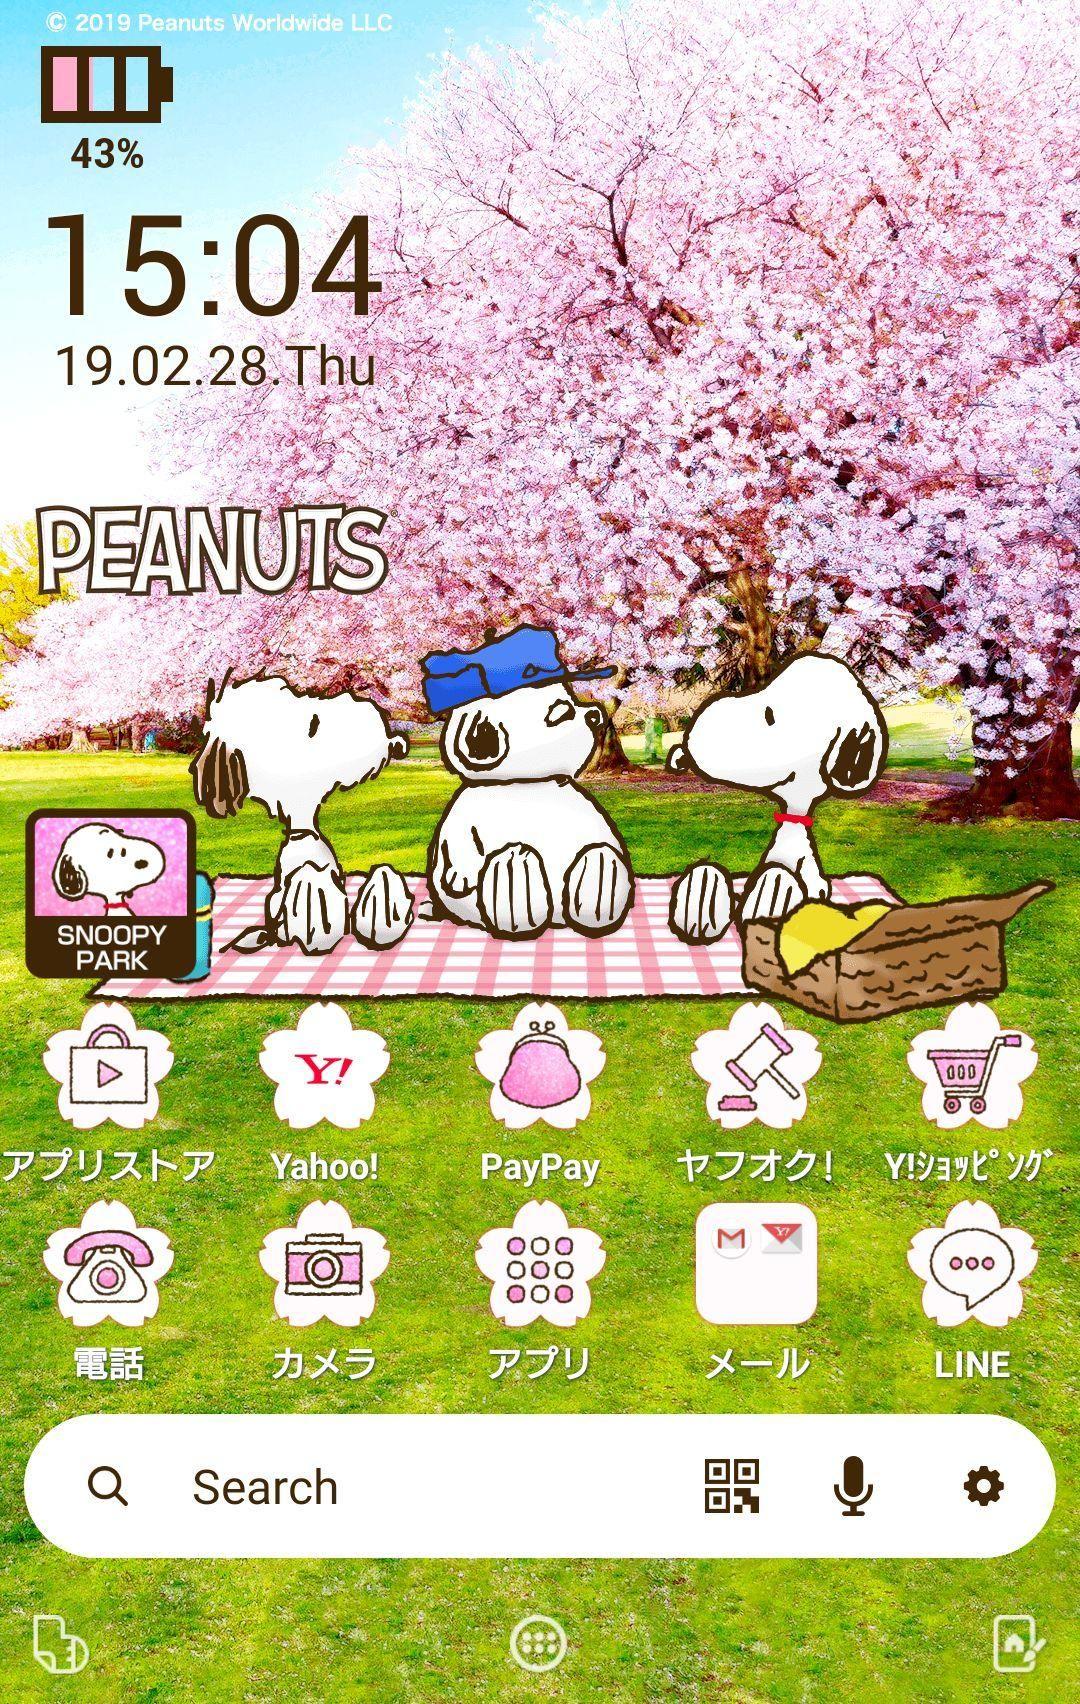 スヌーピーの公式きせかえテーマに春の桜デザインが新登場 壁紙 アイコン スマホきせかえ Yahoo きせかえアプリ きせかえ 壁紙 スヌーピー